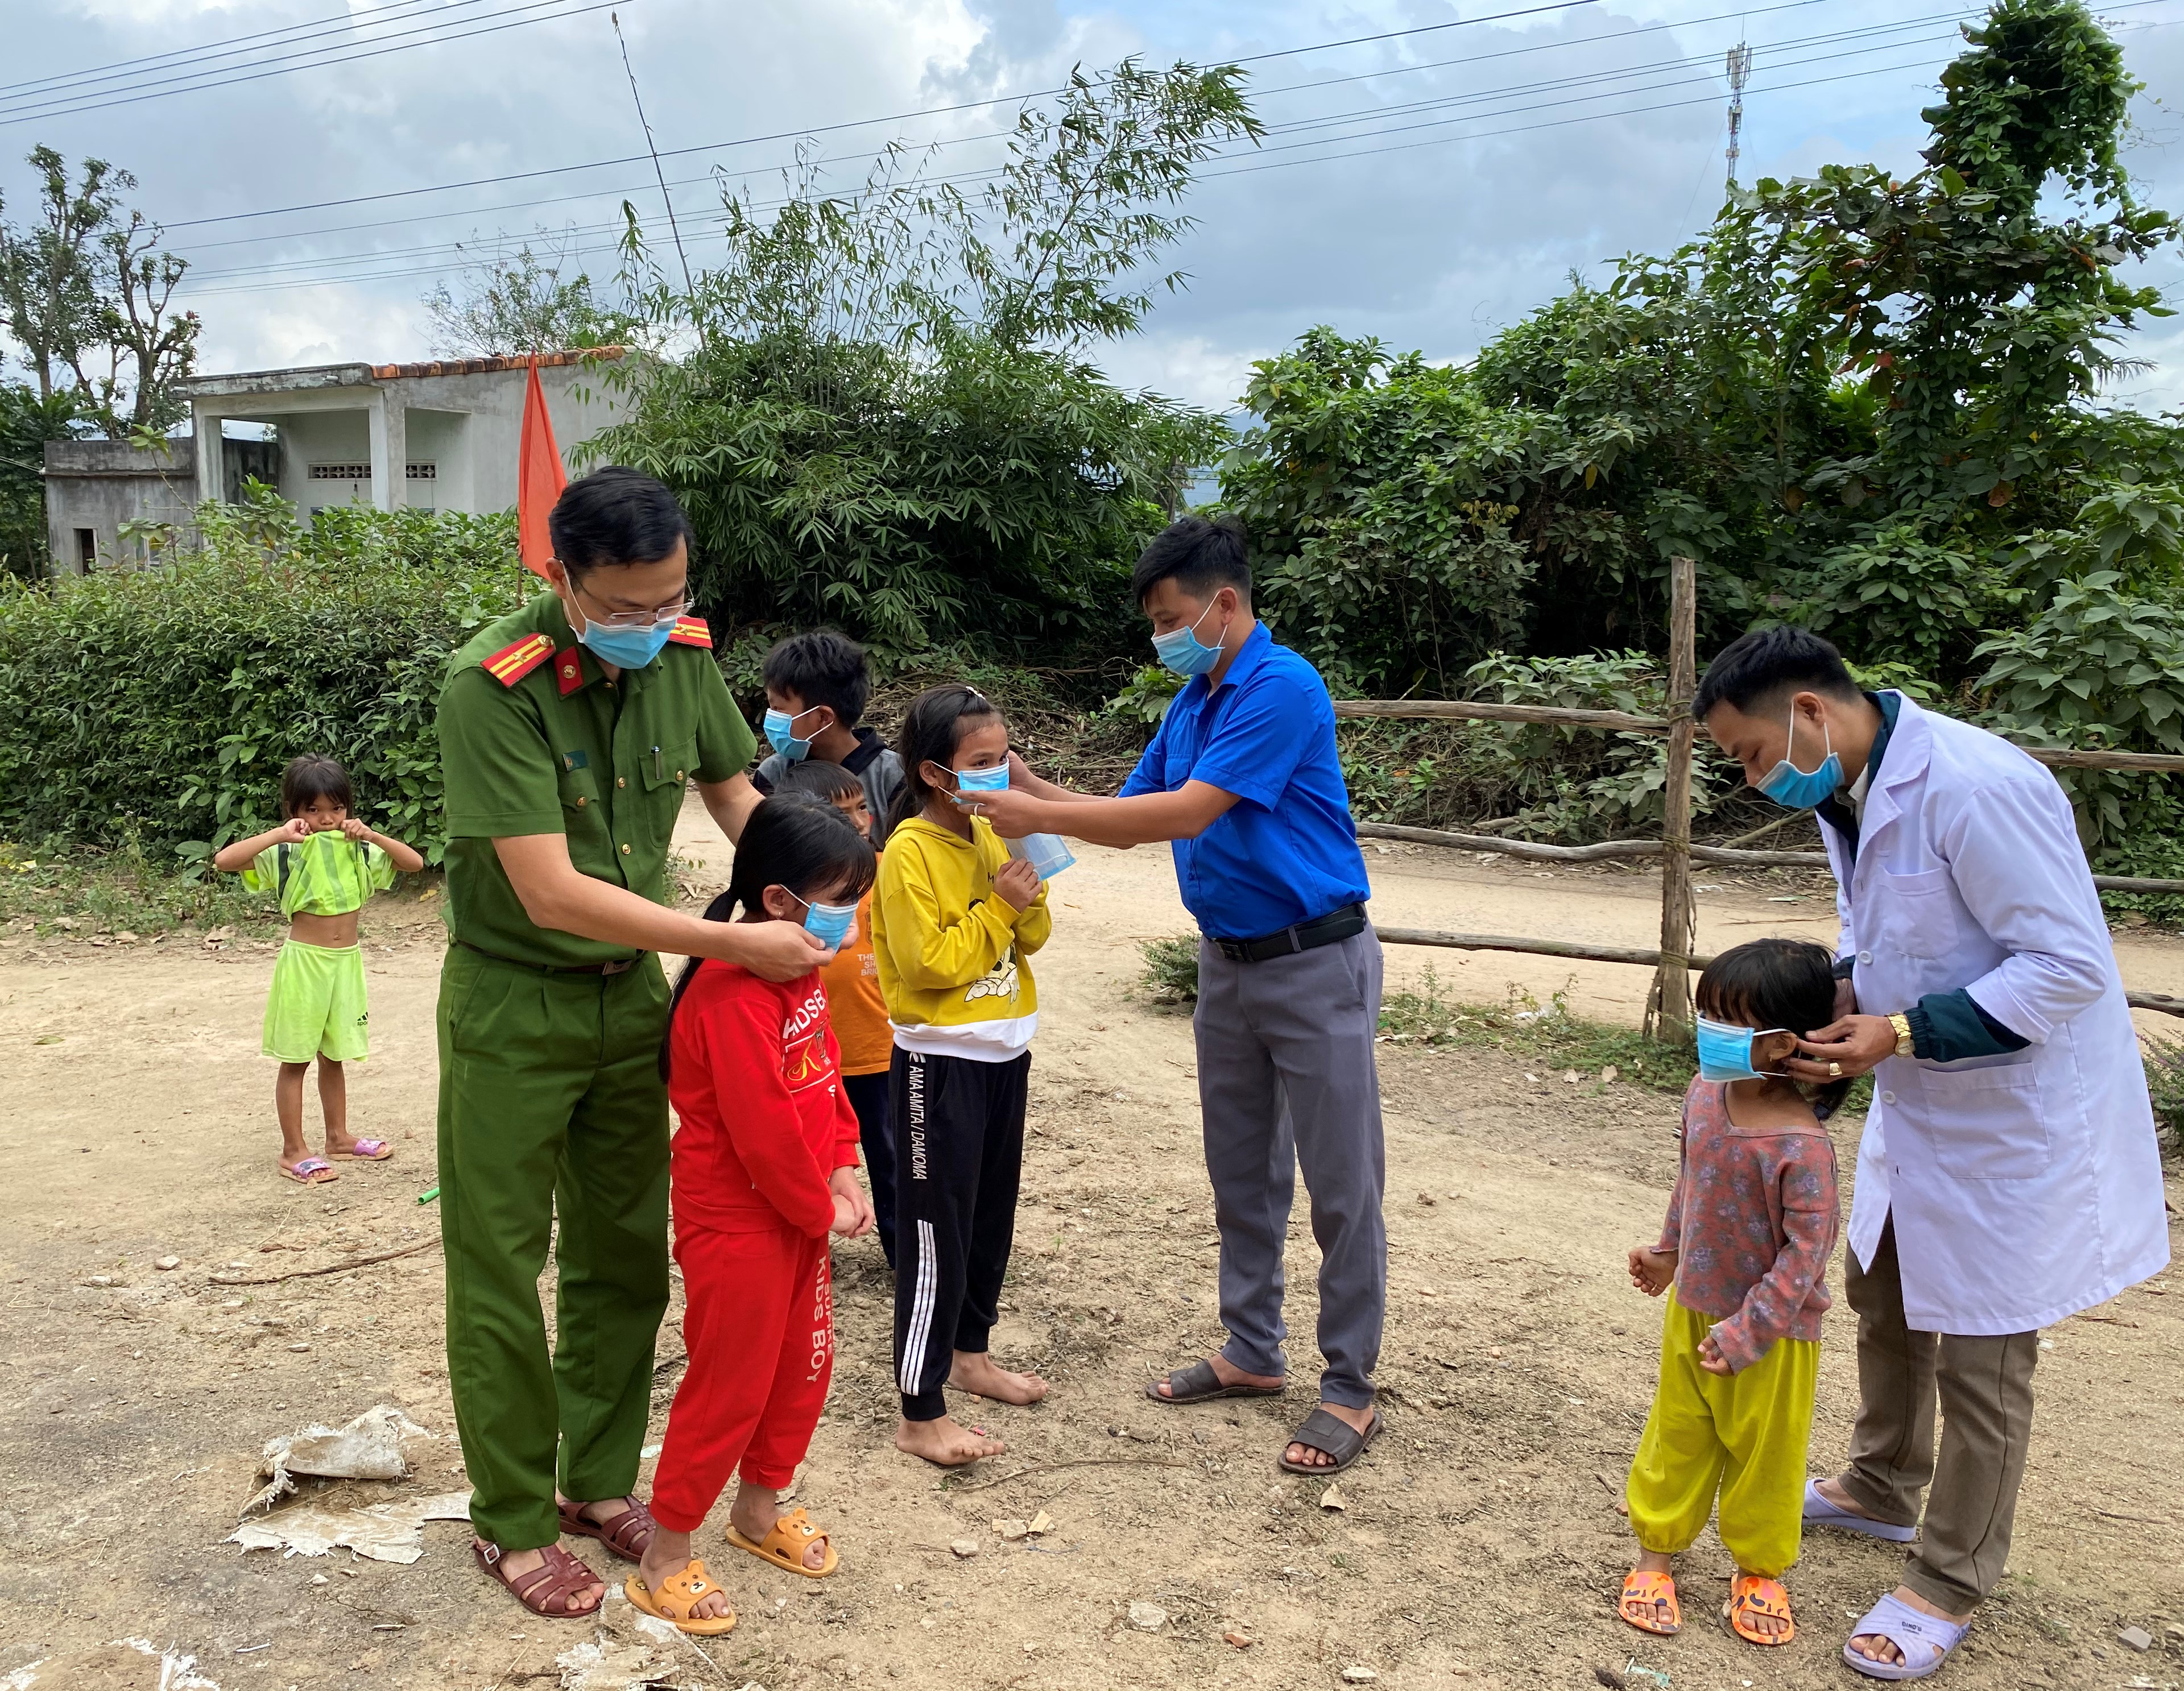 Đoàn viên, thanh niên xã Canh Hiệp phối hợp với cán bộ y tế và Công an xã hướng dẫn trẻ em đeo khẩu trang tại khu dân cư làng Hiệp Hưng.